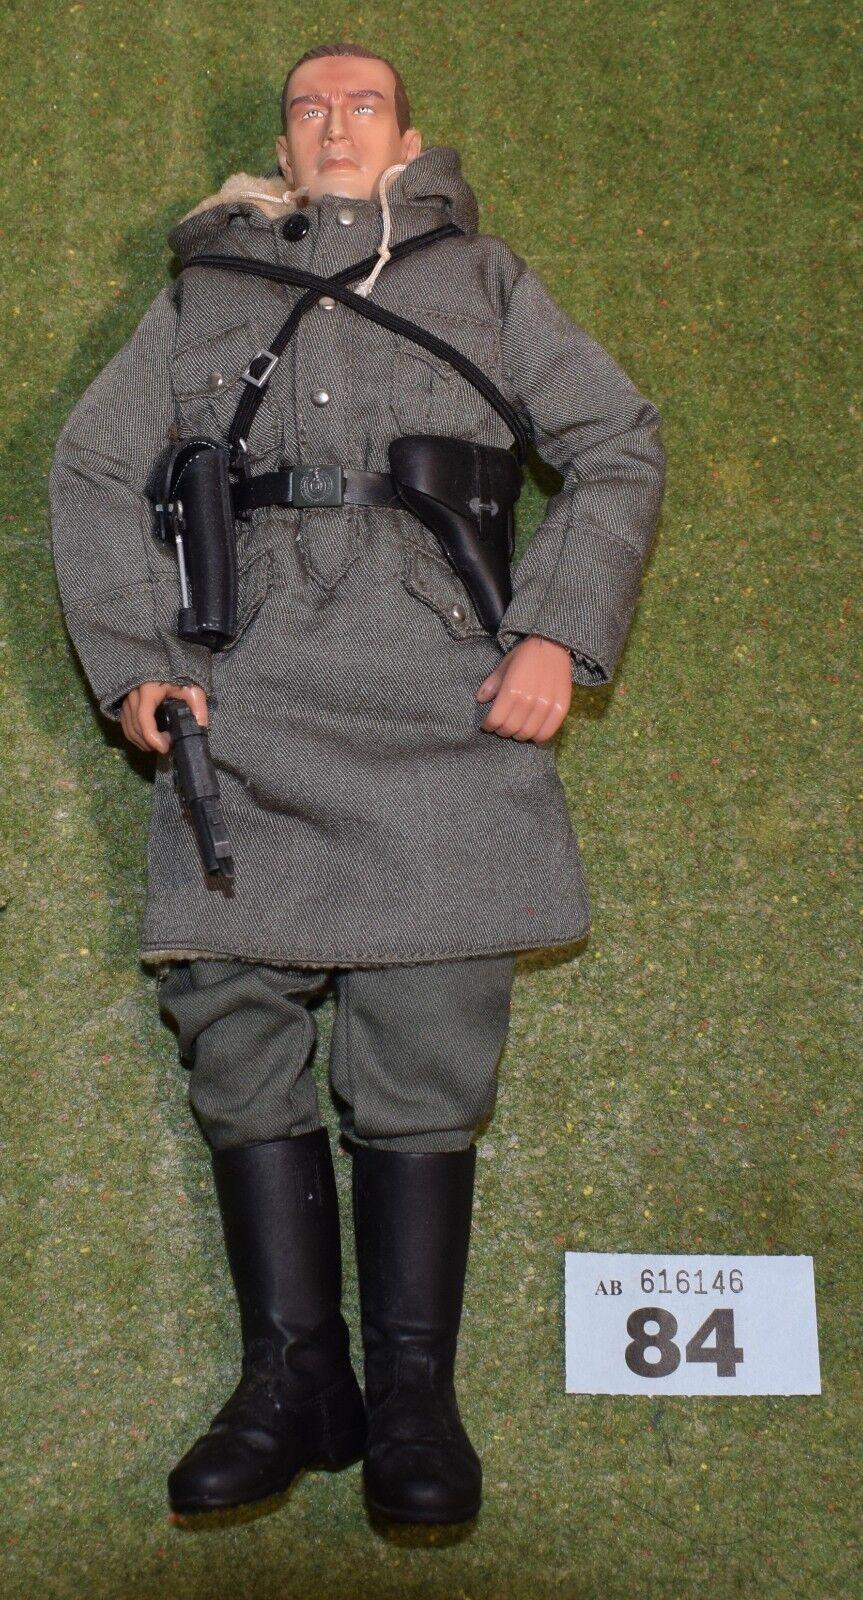 1 6 SCALE WW II GERMAN LOOSE FIGURE SIMILAR TO DRAGON IN DREAMS DID BBI 084